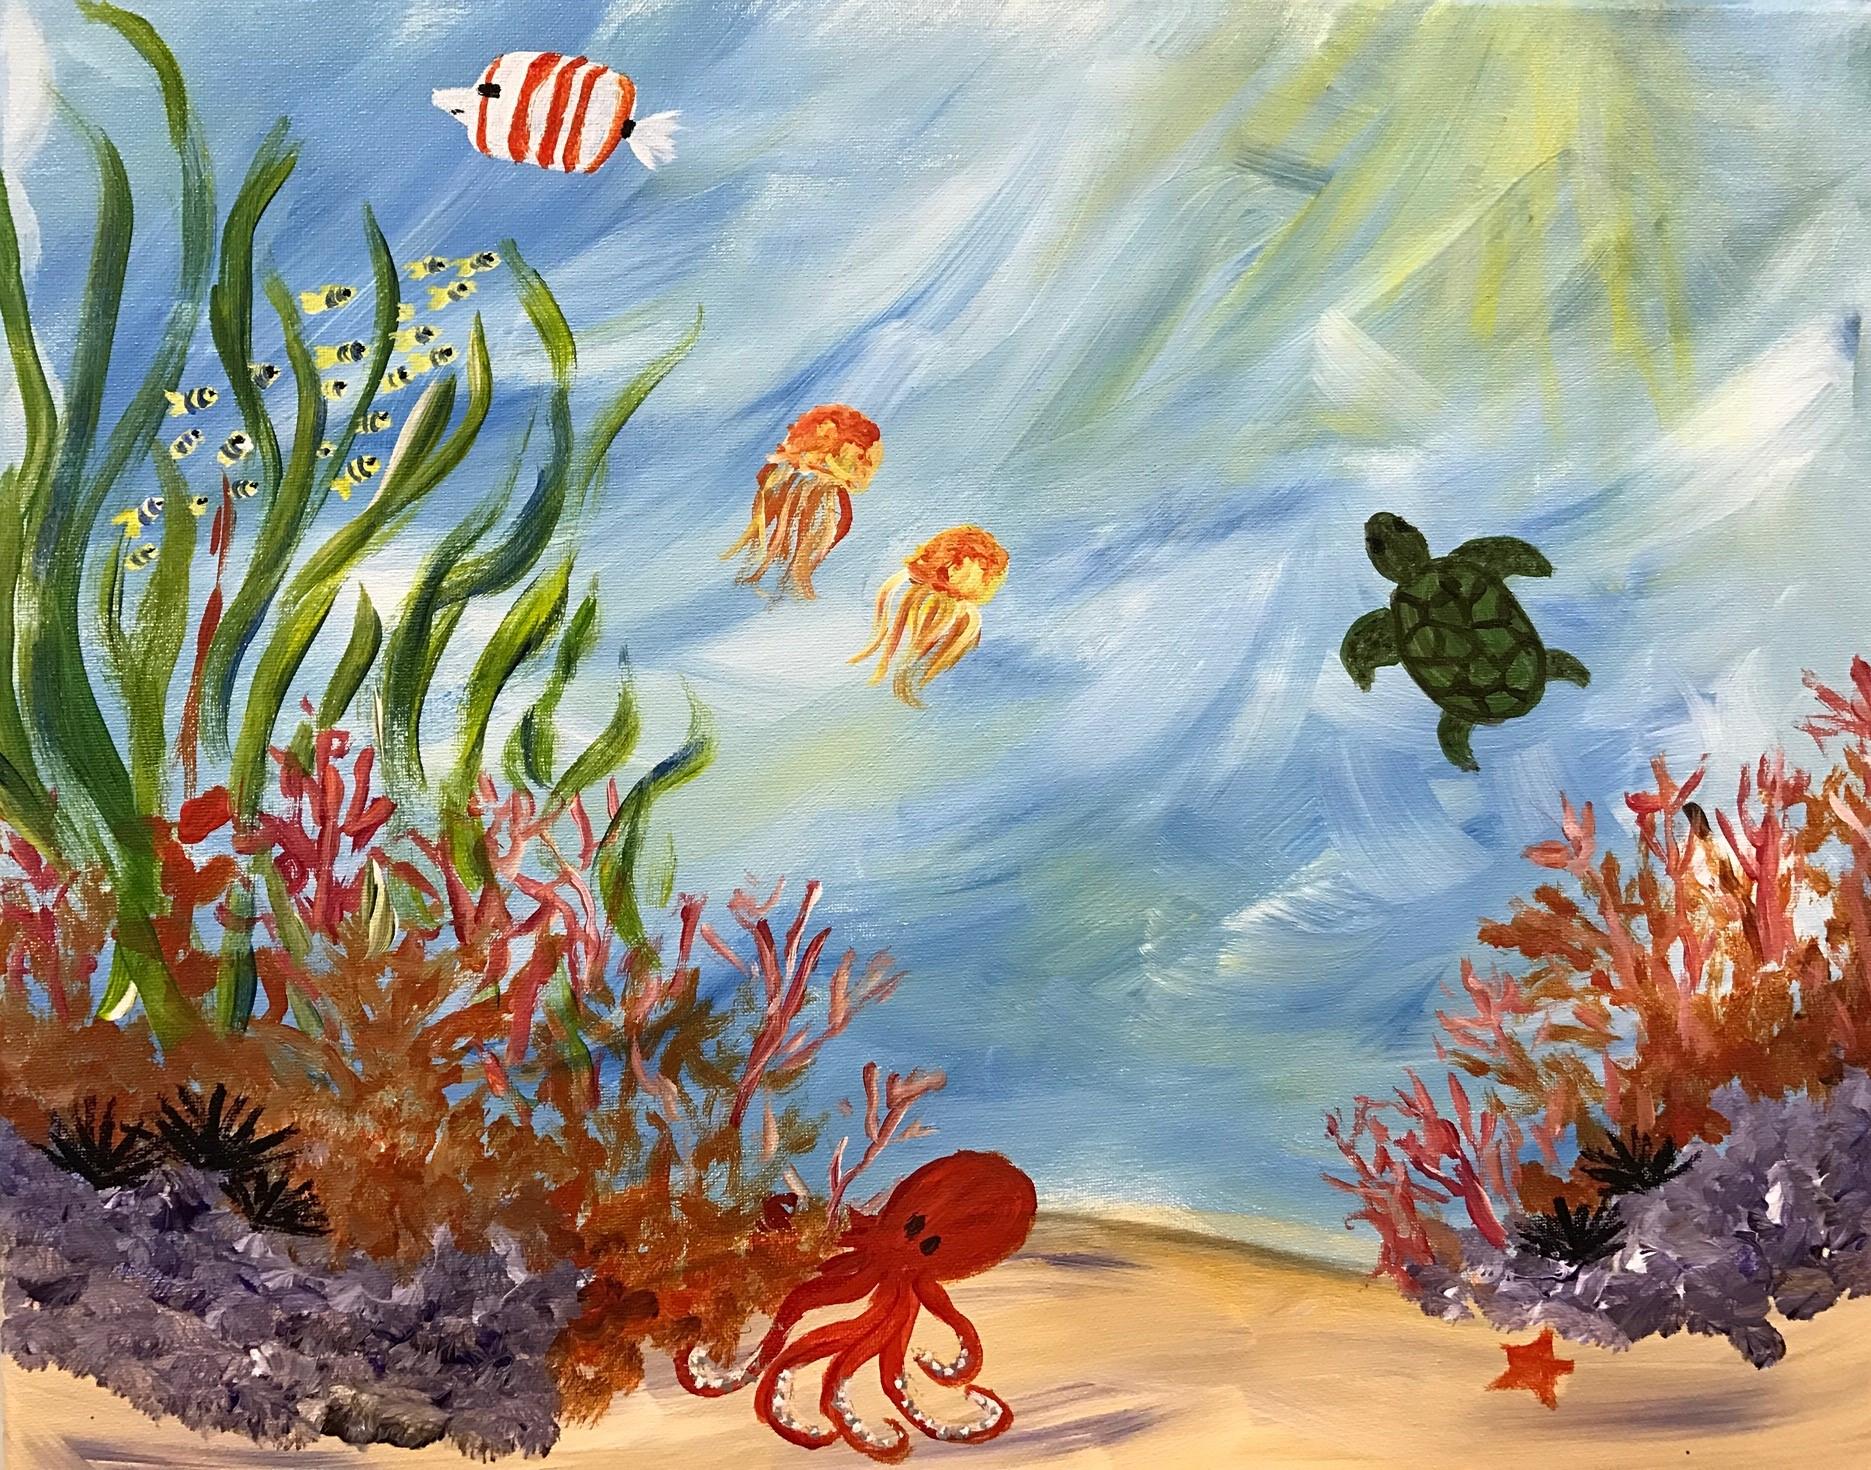 Underwater Painting Watercolor